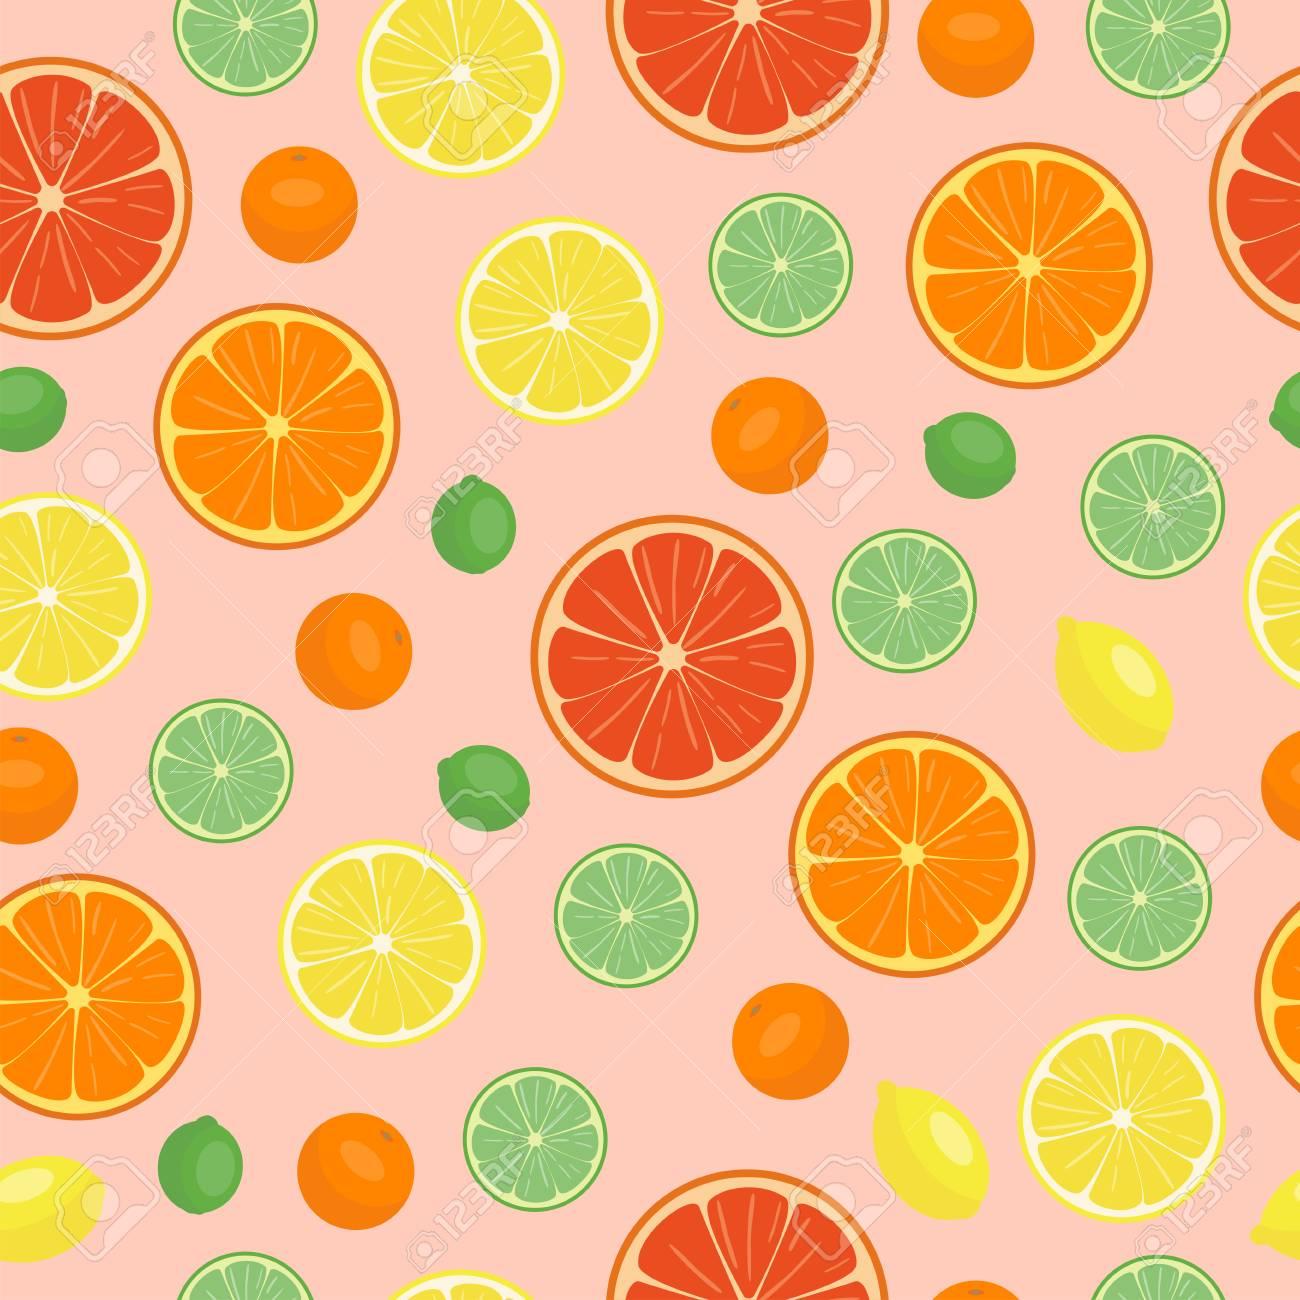 熟したオレンジ製品果物シームレス パターン柑橘類はスライス甘い食べ物